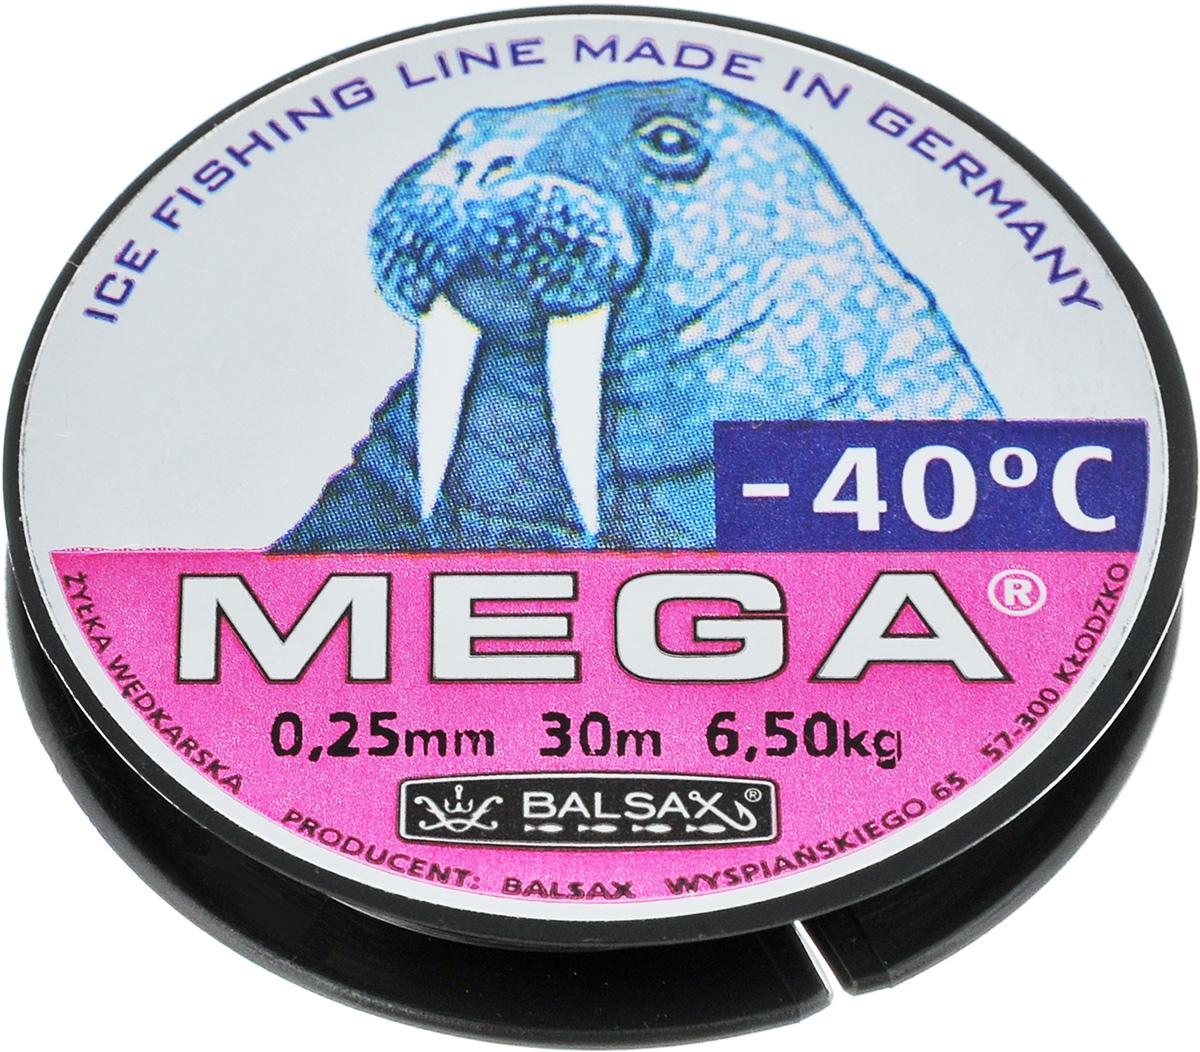 Леска зимняя Balsax Mega, 30 м, 0,25 мм, 6,5 кг310-11025Леска Balsax Mega изготовлена из 100% нейлона и очень хорошо выдерживает низкие температуры. Даже в самом холодном климате, при температуре вплоть до -40°C, она сохраняет свои свойства практически без изменений, в то время как традиционные лески становятся менее эластичными и теряют прочность. Поверхность лески обработана таким образом, что она не обмерзает и отлично подходит для подледного лова. Прочна в местах вязки узлов даже при минимальном диаметре.